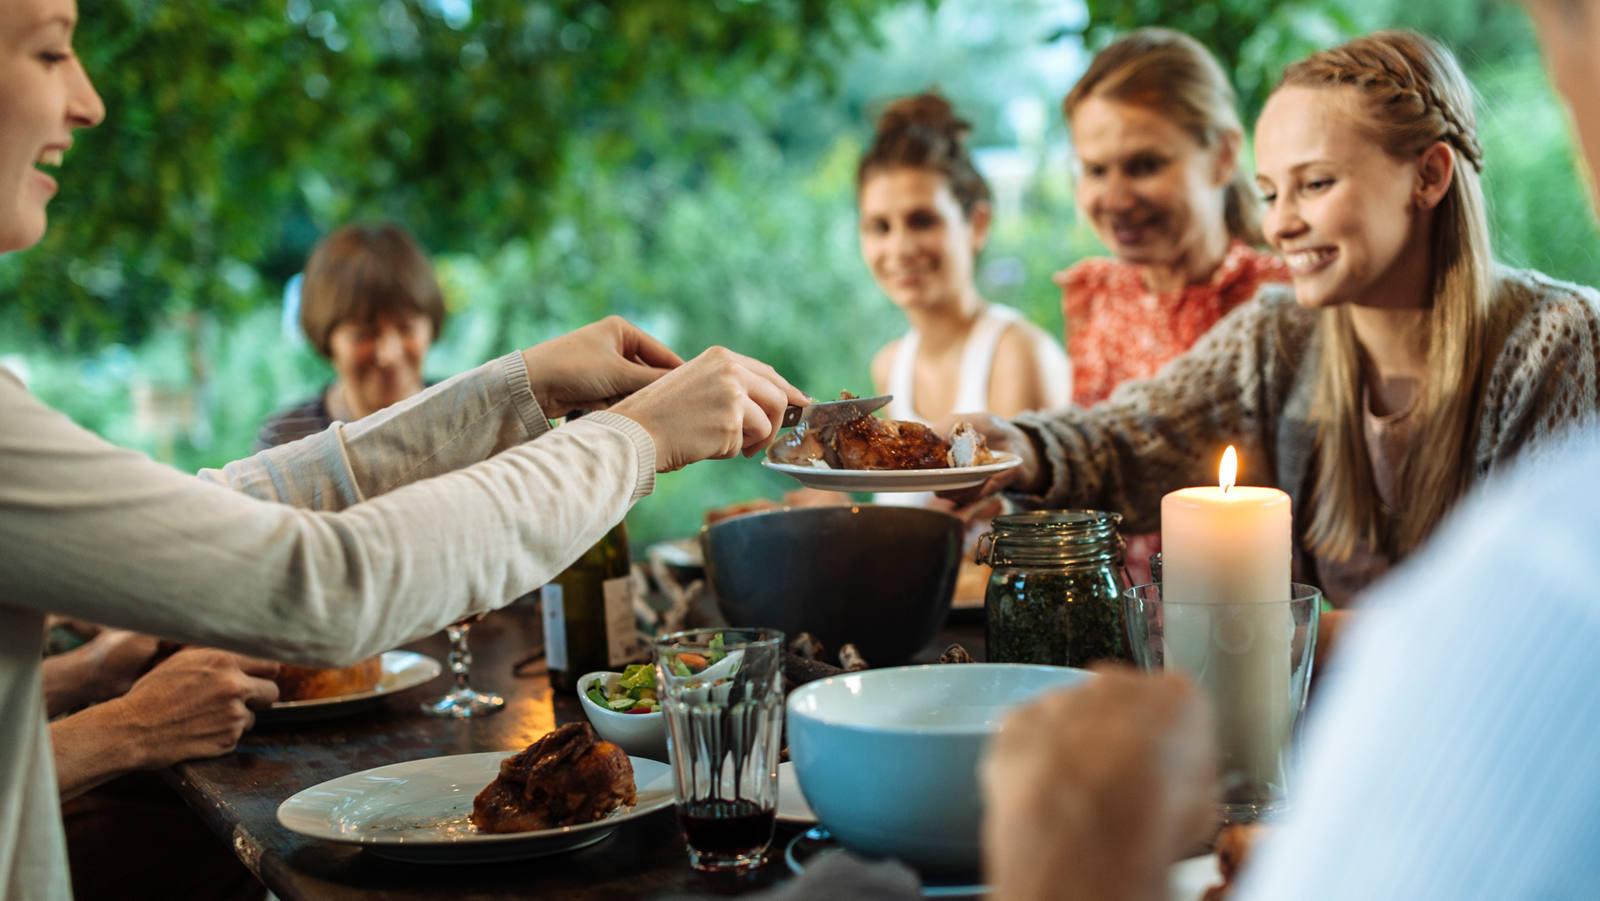 Richtig essen: Bewusst geniessen lohnt sich